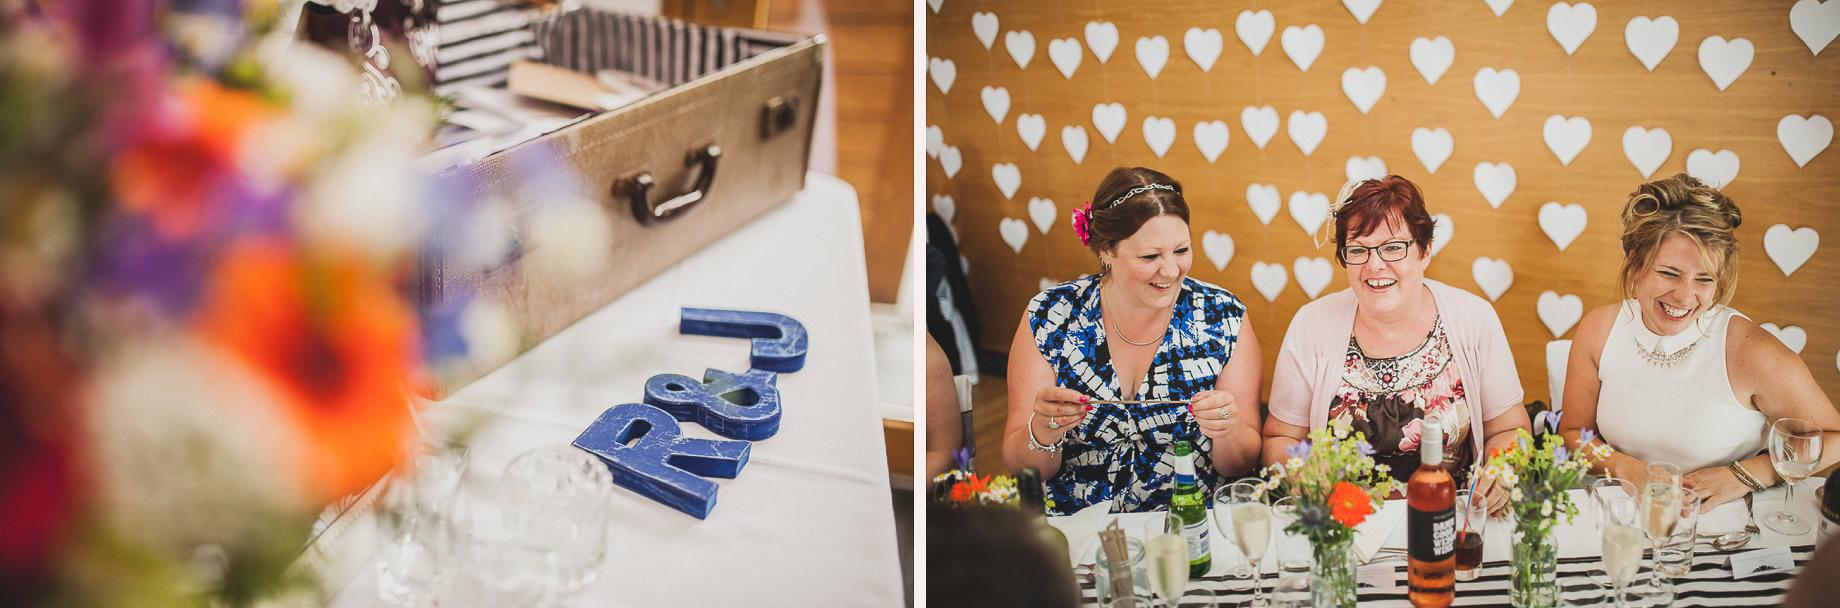 Becky and John's Wedding at Slaidburn Village Hall 135